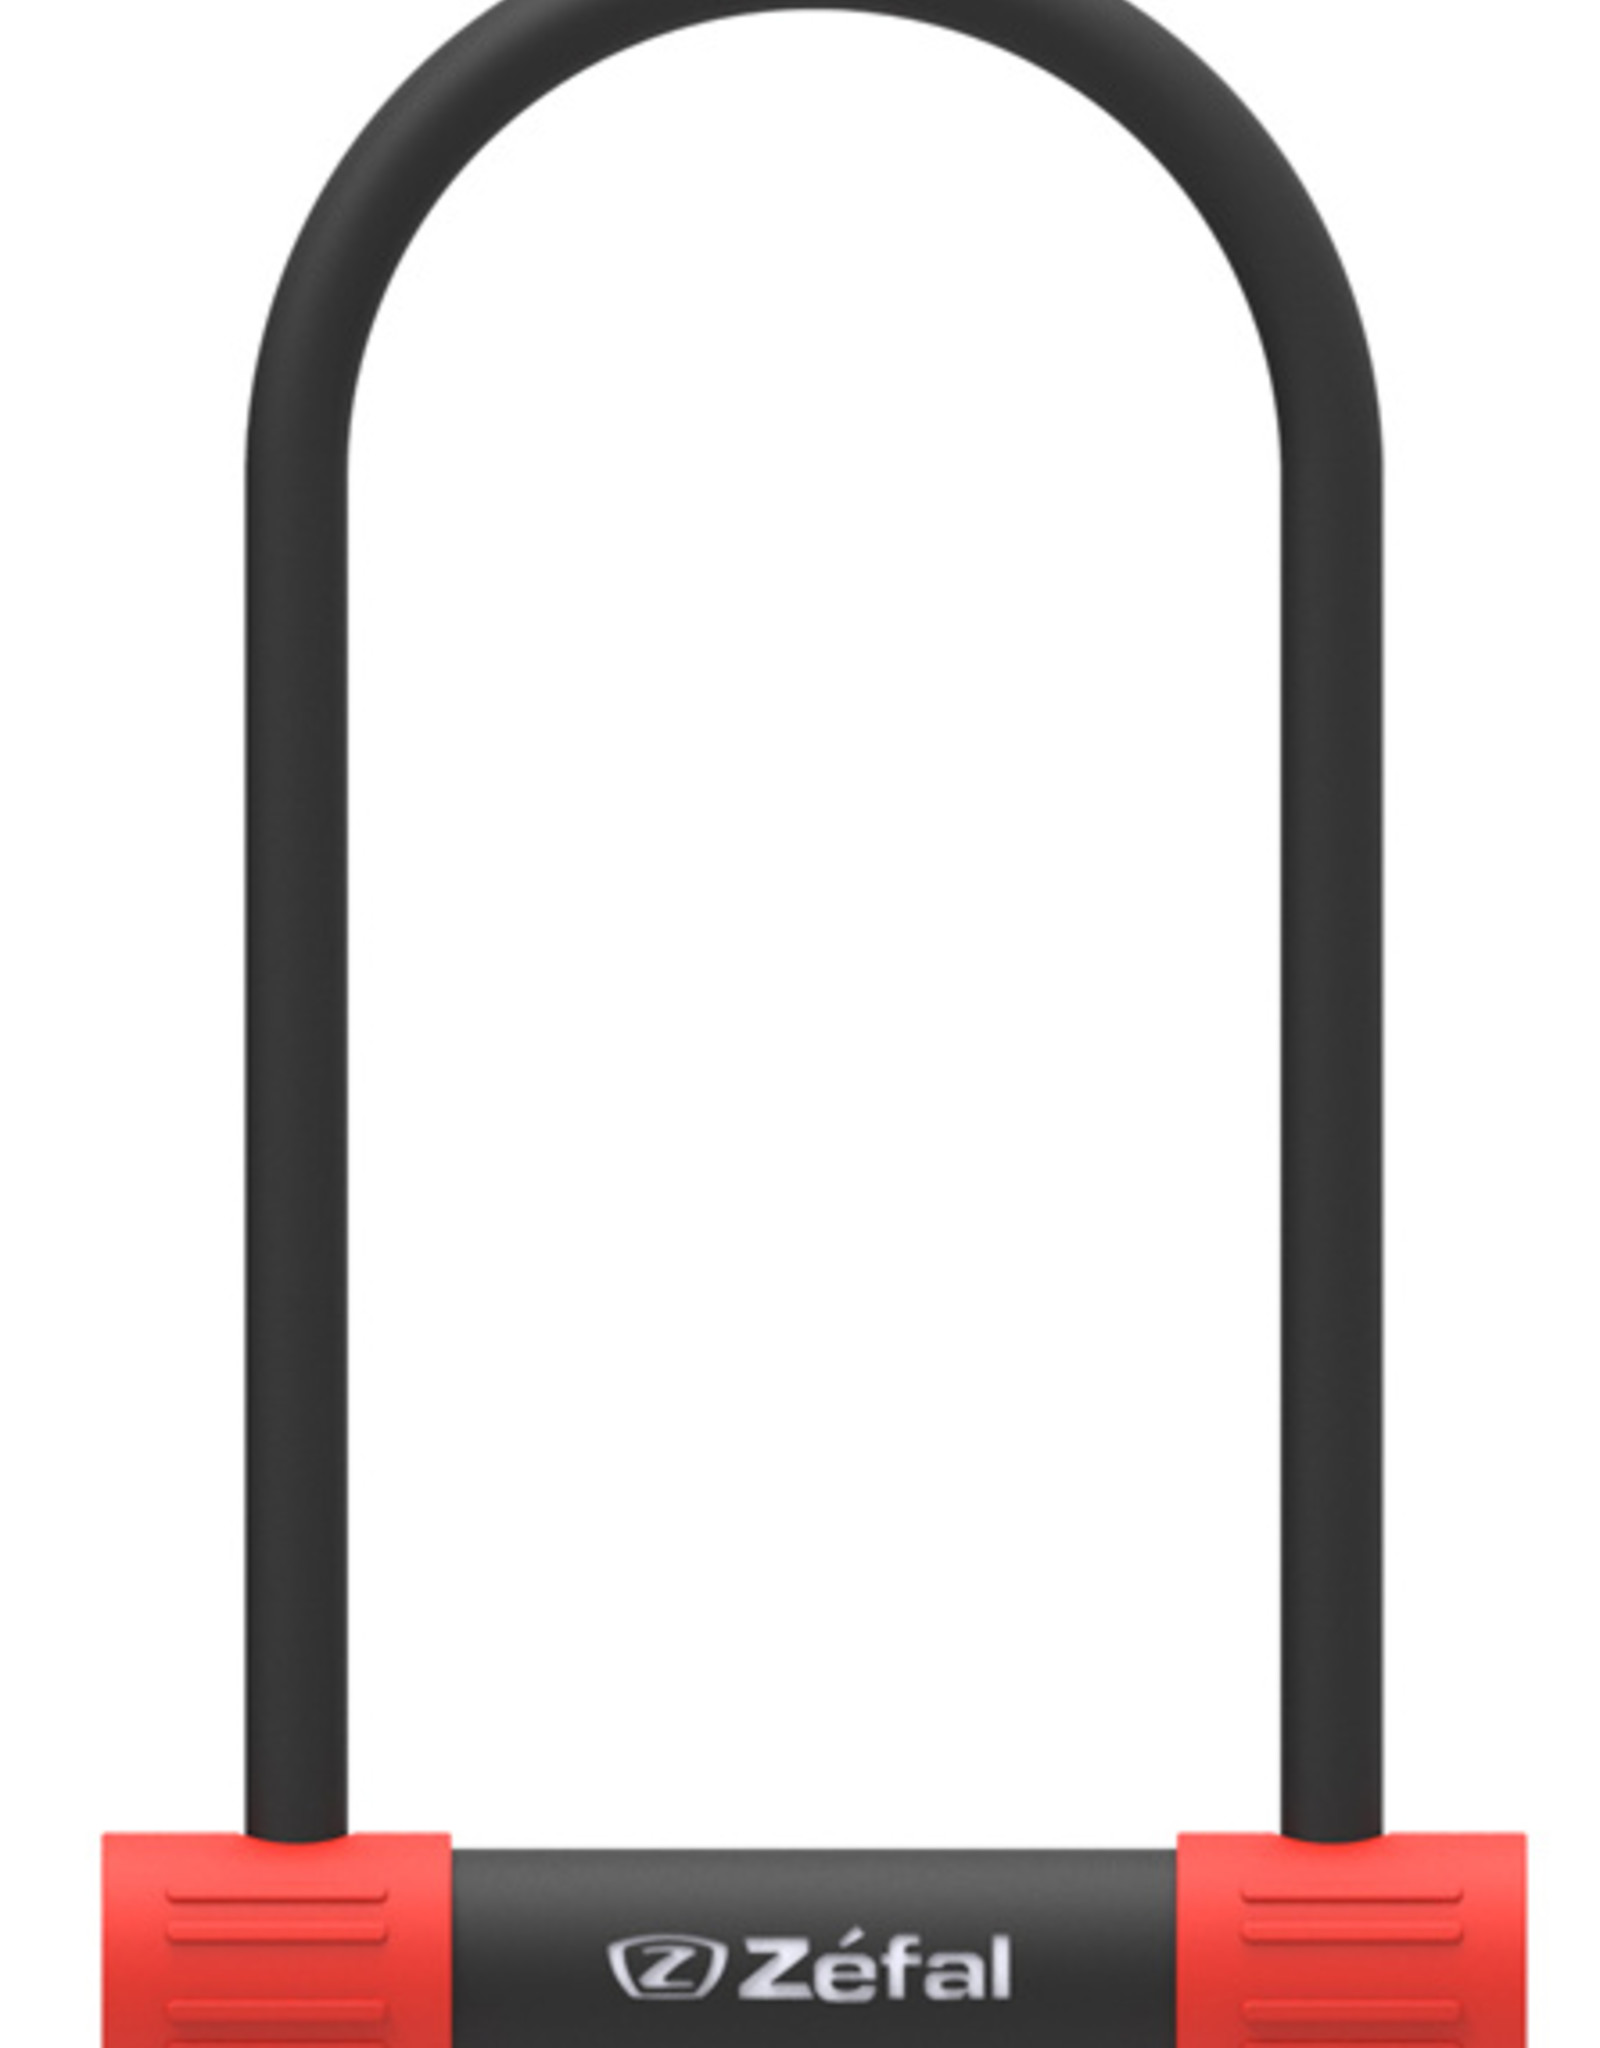 Zefal K-Traz U13 U-Lock 230mm. SOLD SECURE Silver